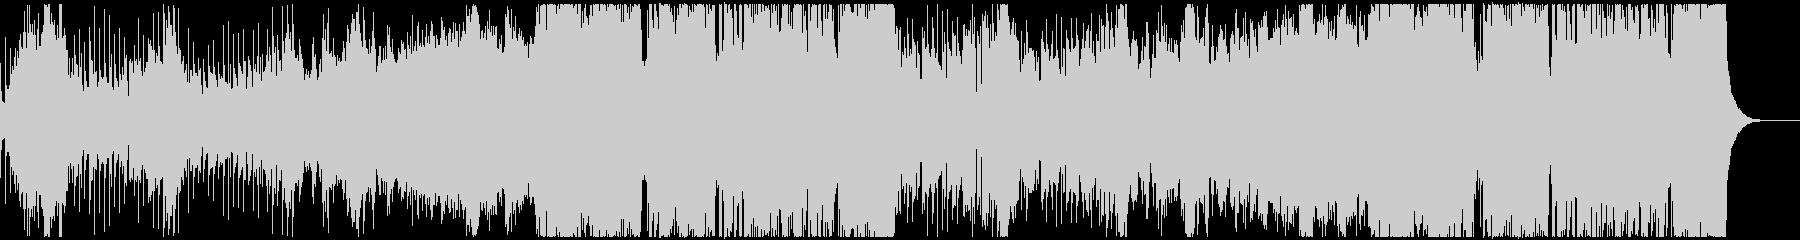 アコーディオンが印象的な日常系BGMの未再生の波形